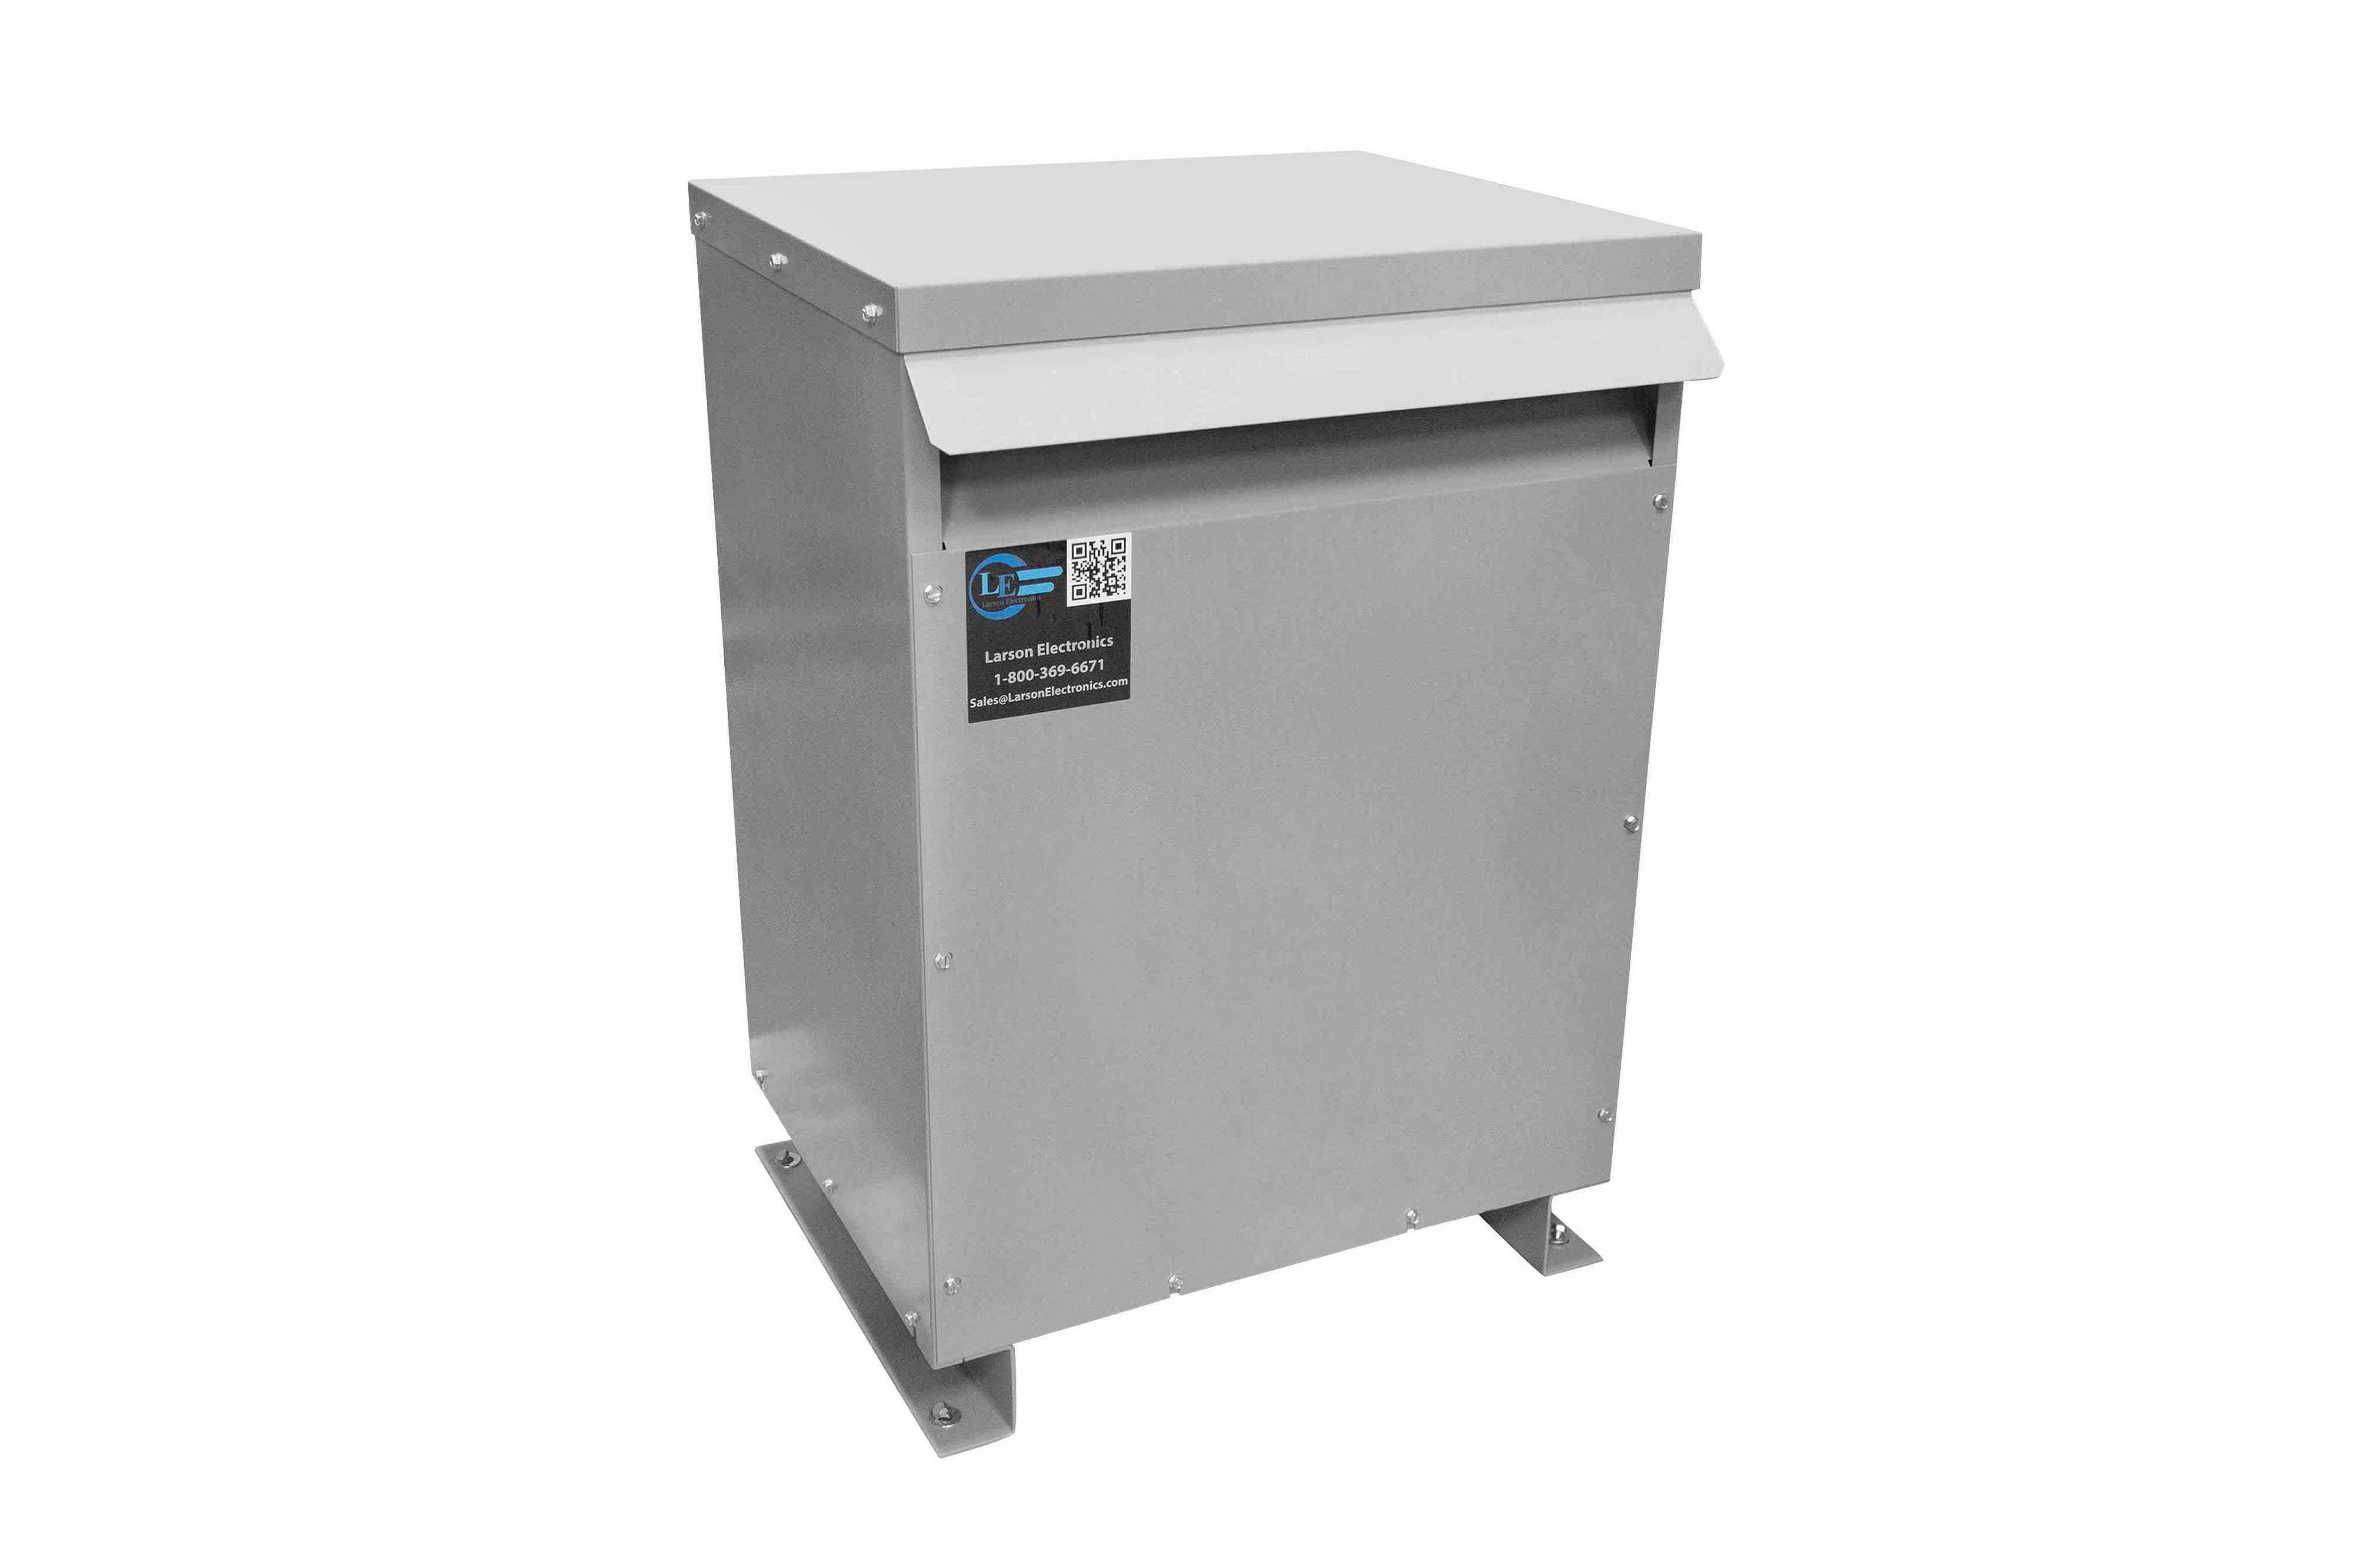 11 kVA 3PH Isolation Transformer, 460V Delta Primary, 575V Delta Secondary, N3R, Ventilated, 60 Hz